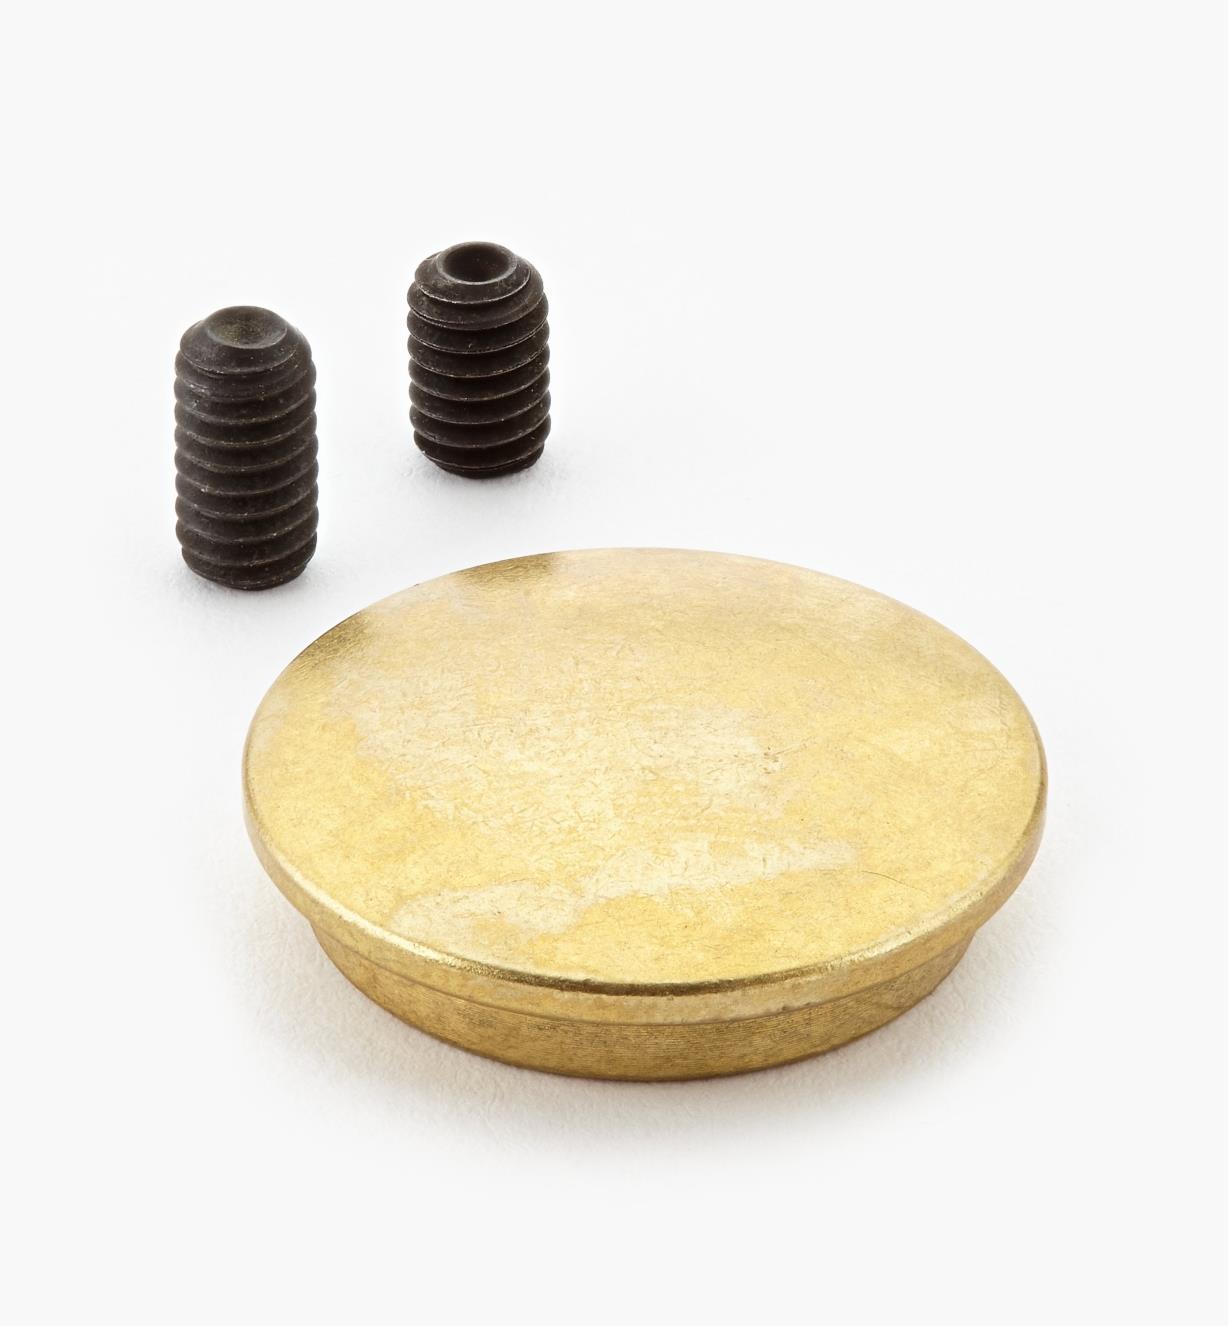 05G0622 - Cache-écrou en laiton pour ferrure d'assemblage démontable 3/8 16 de 5po Veritas, l'unité